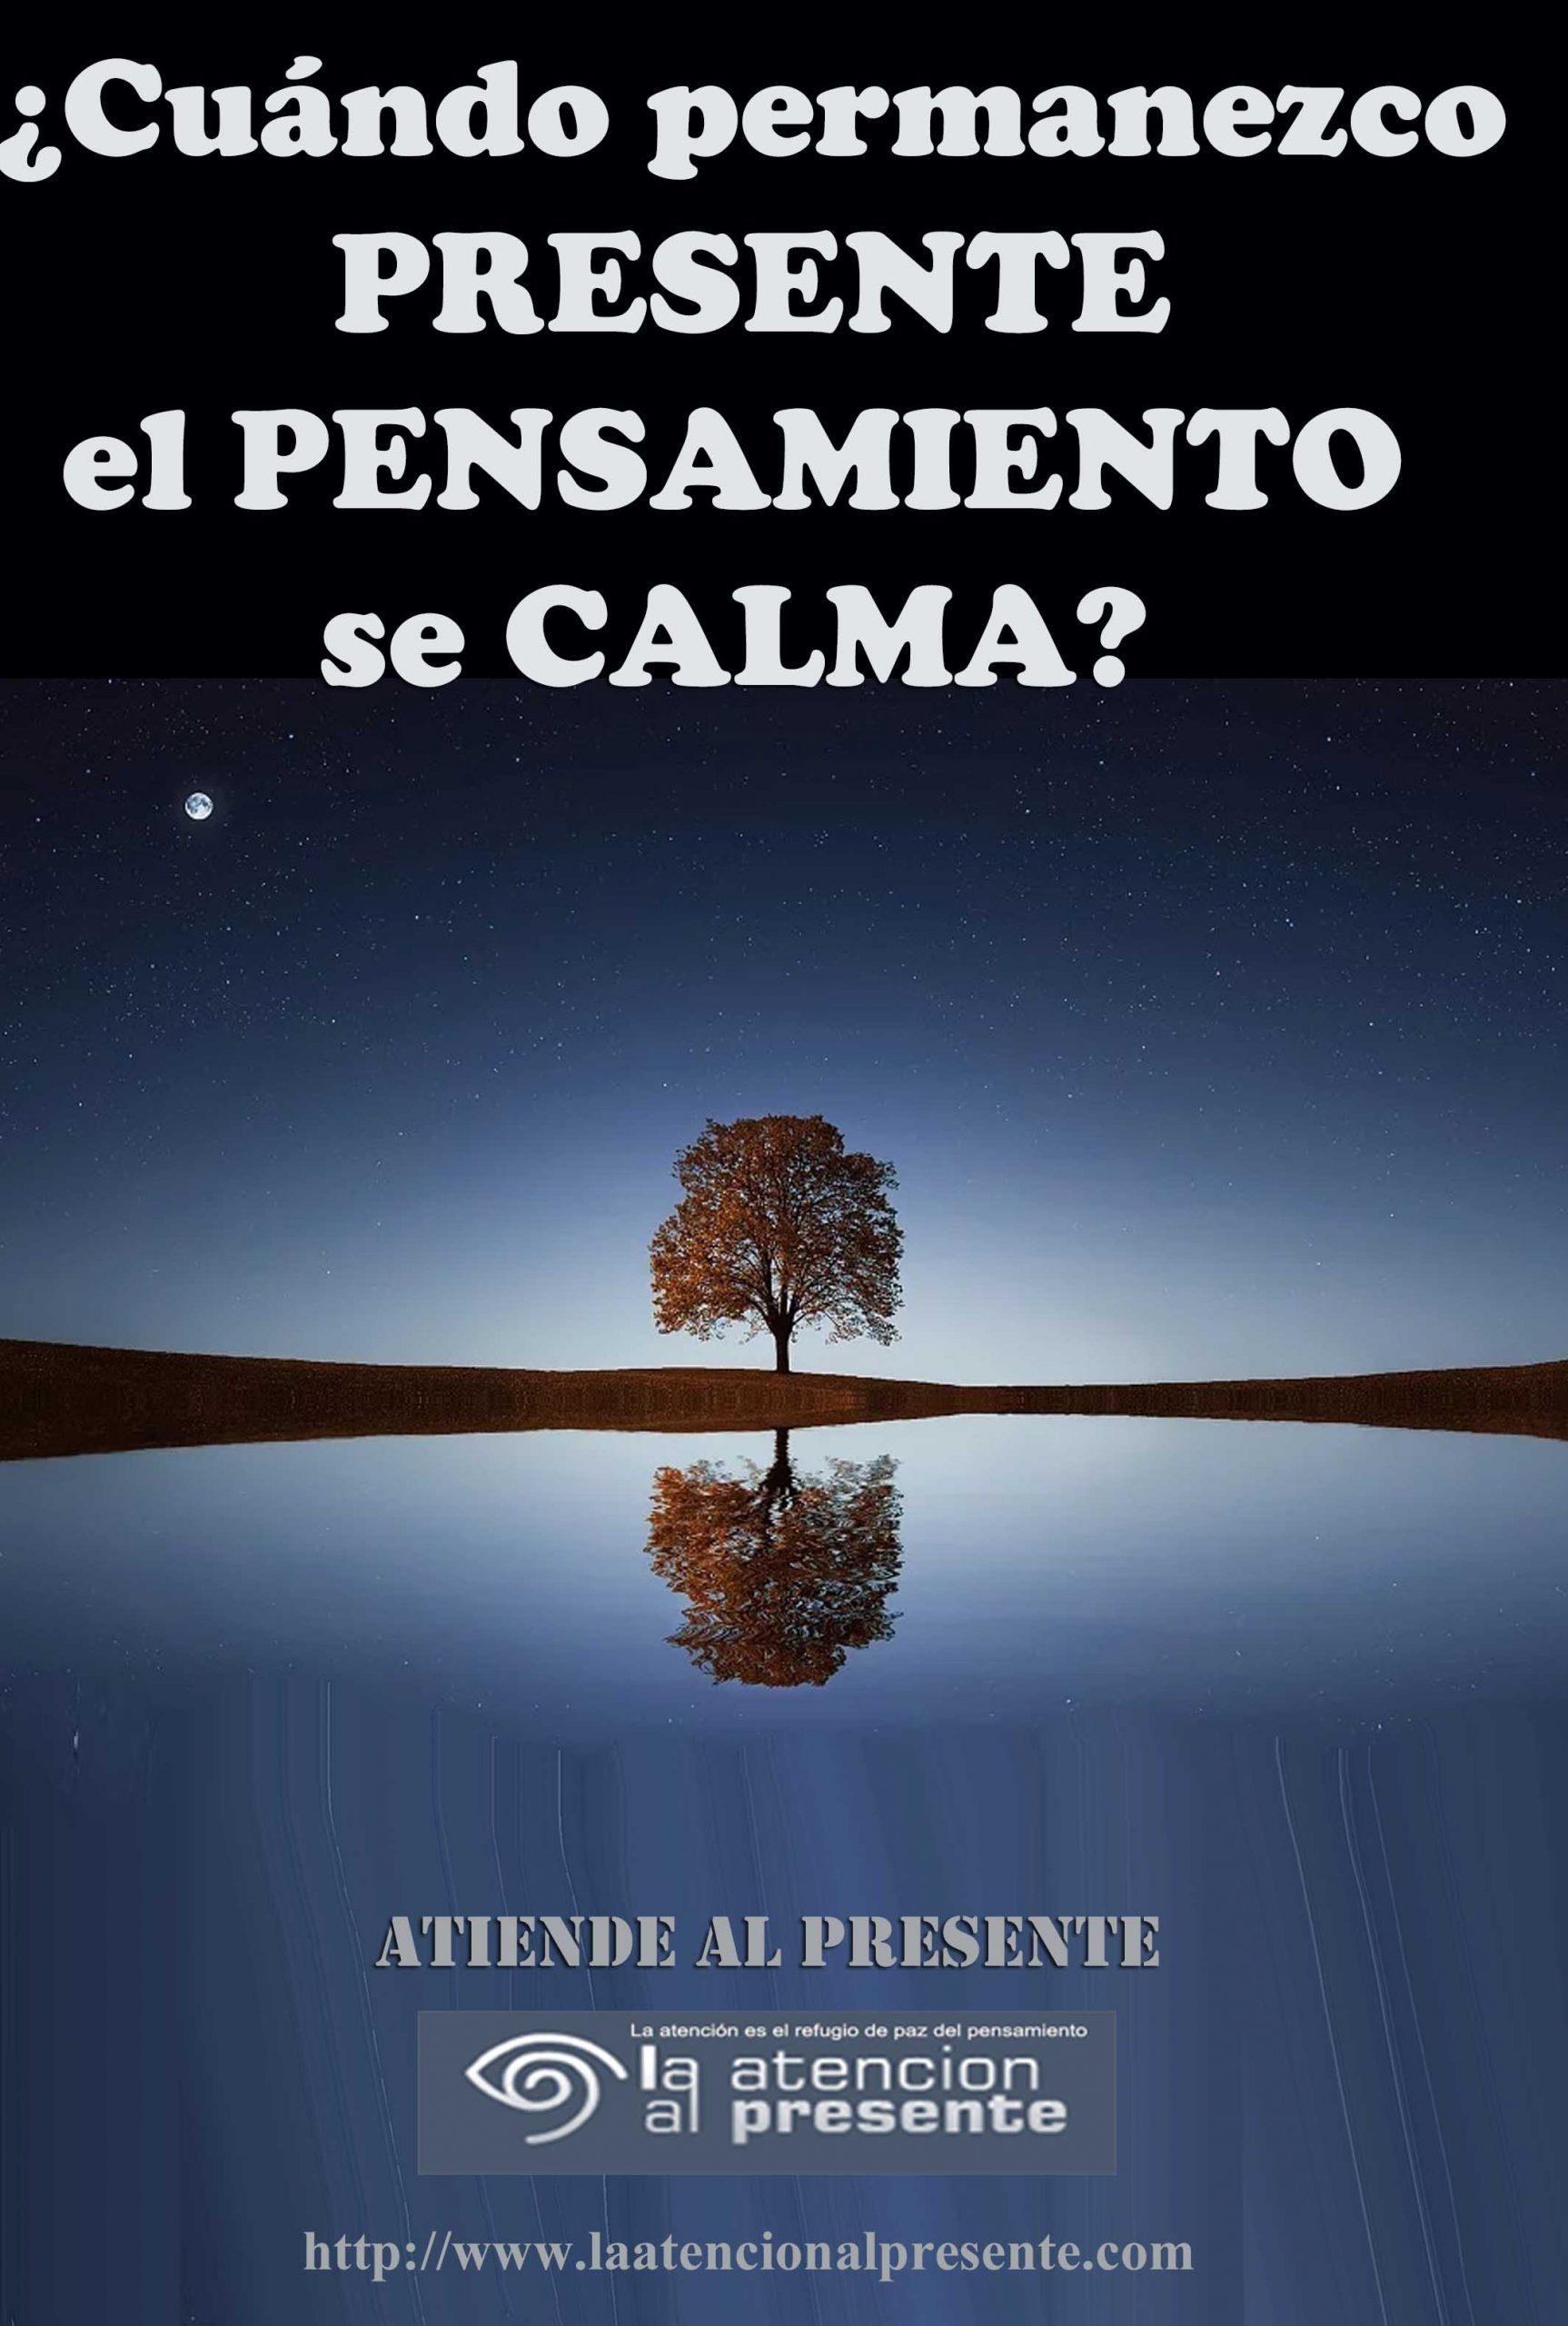 10 de agosto Isa Cuándo permanezco PRESENTE el PENSAMIENTO se CALMA min scaled